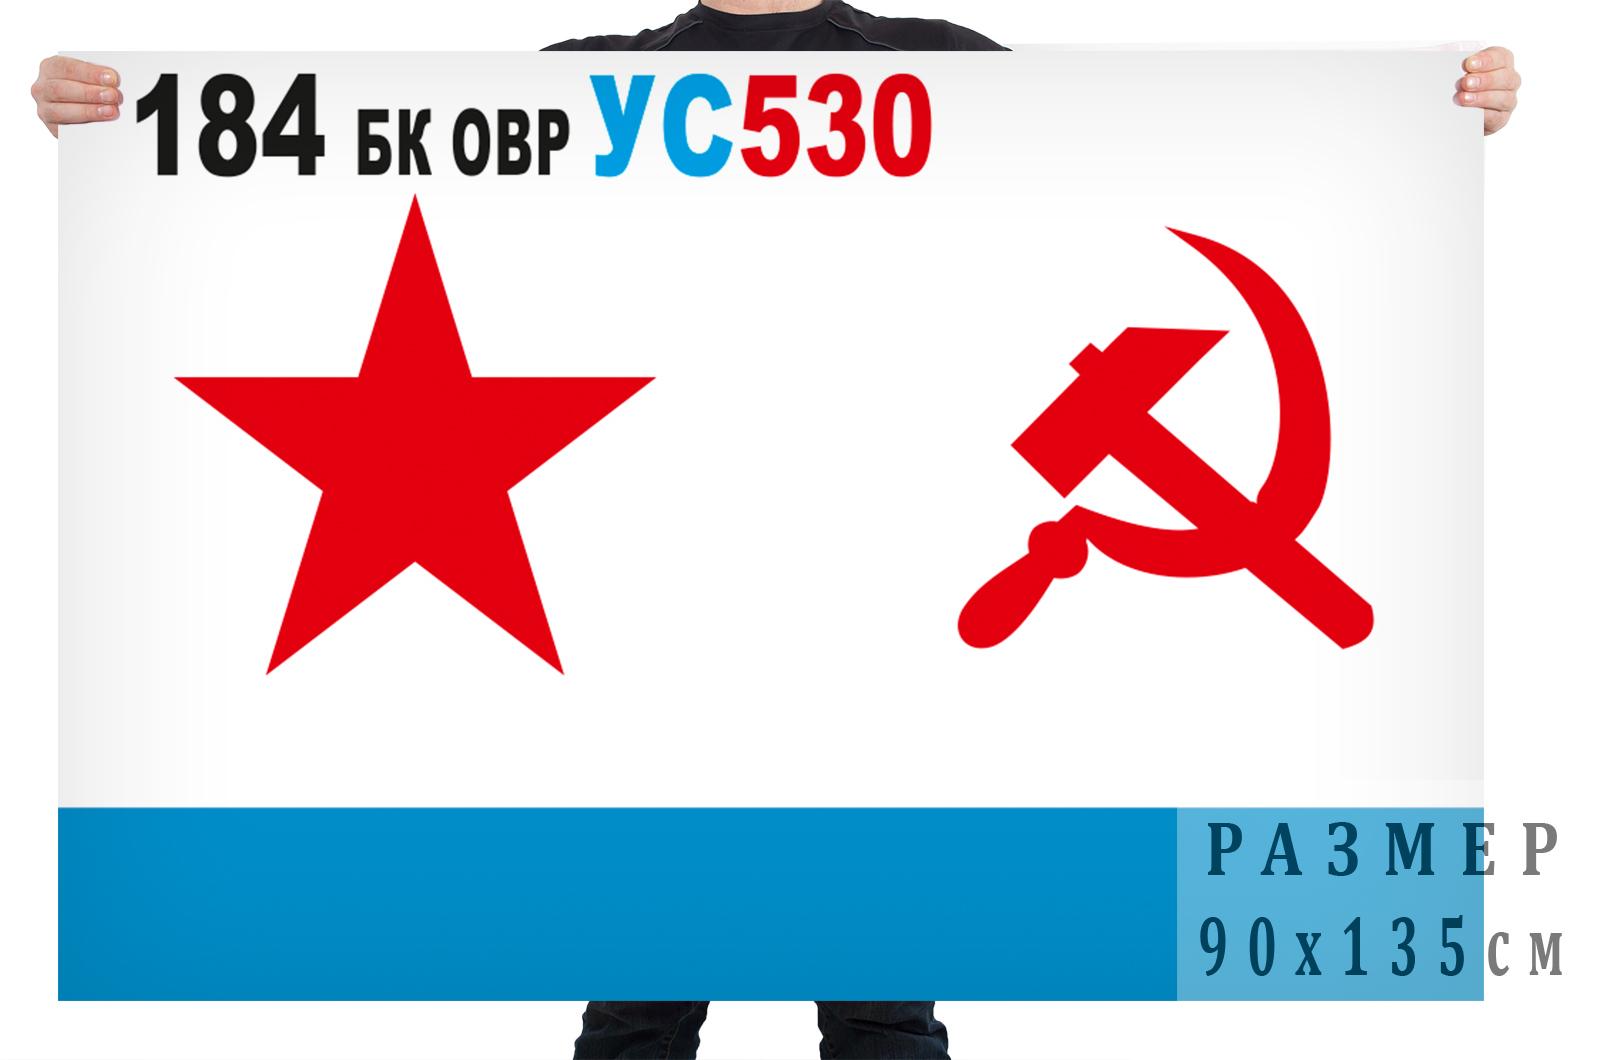 Флаг ВМФ СССР 184 БК ОВР УС530